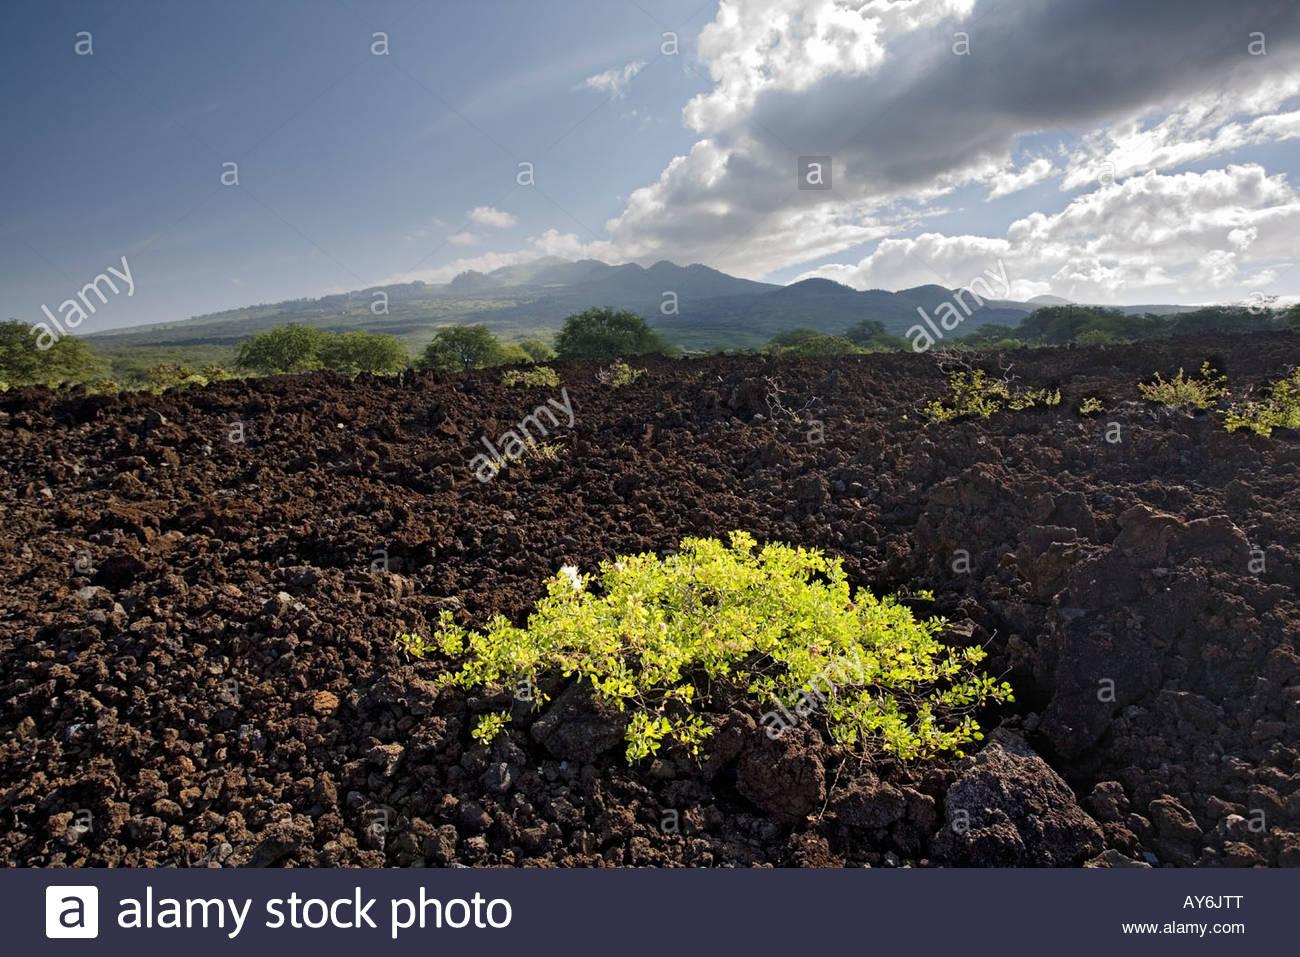 plants-establish-foothold-on-lava-field-